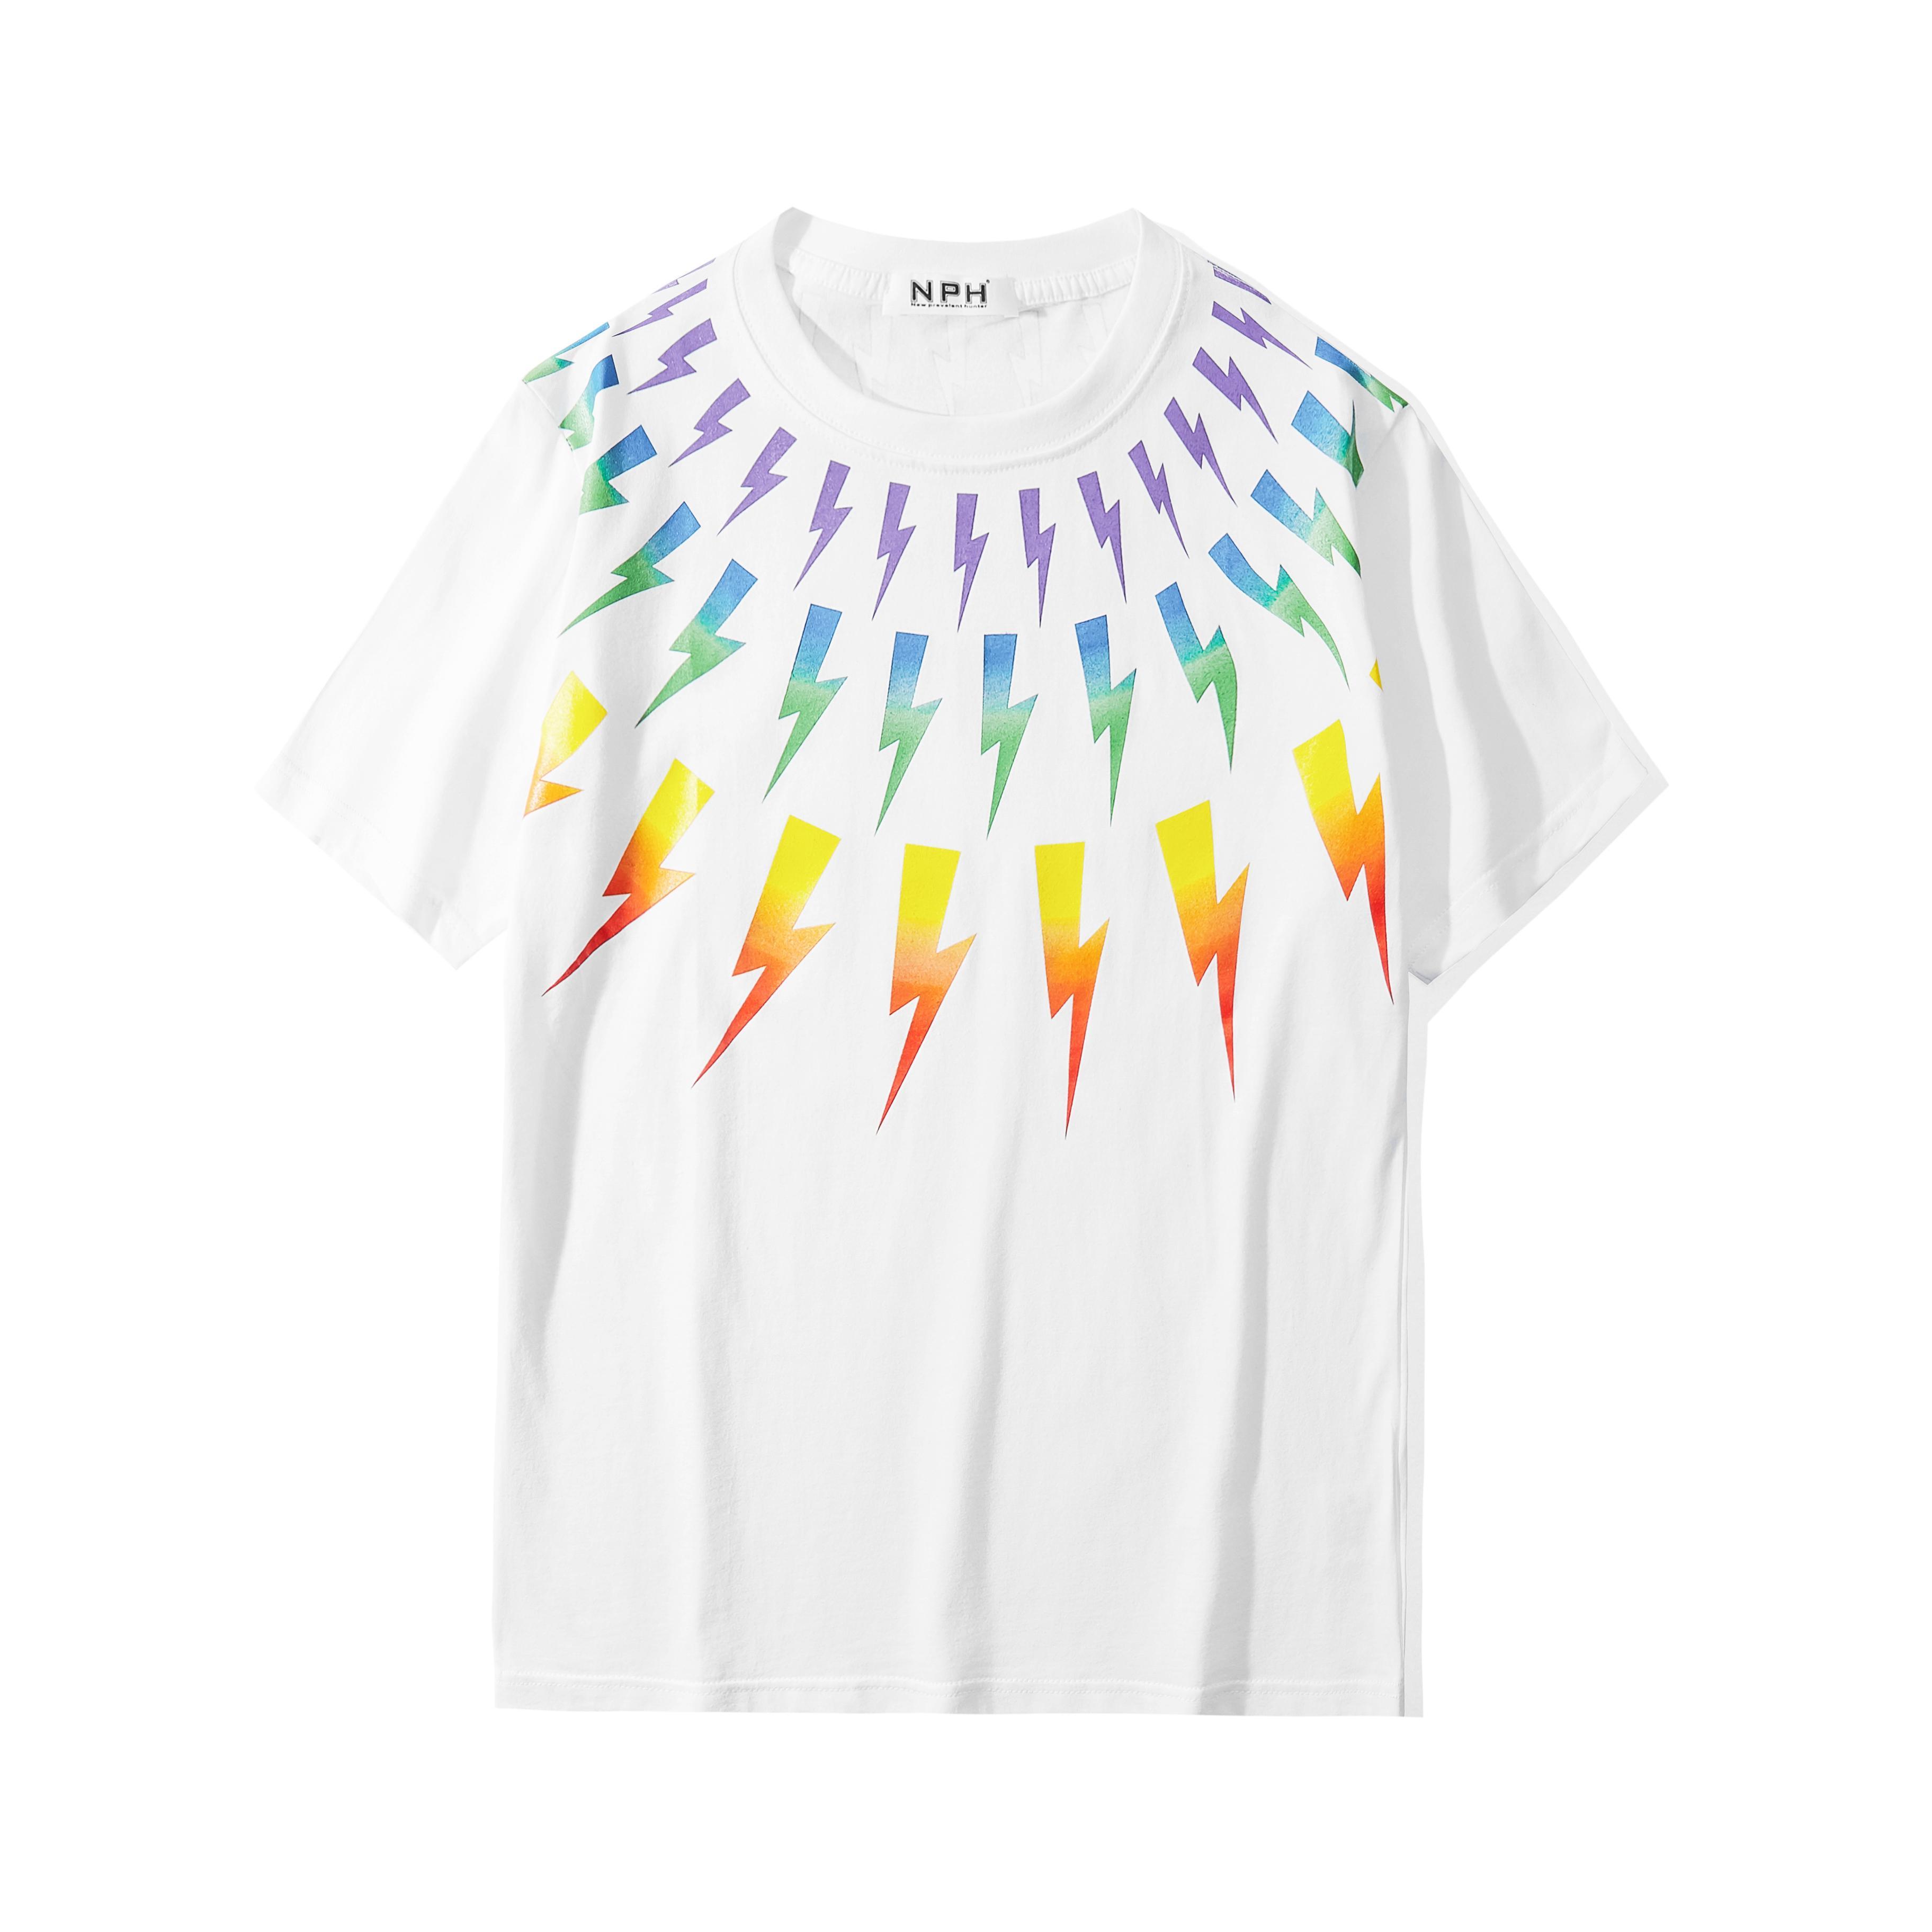 2020 الصيف موضة جديدة القصير الأكمام تي شيرت قصير كم شارع تيز قميص قوس قزح شريط قمم عارضة الرجال قميص تي شيرت S-XXL